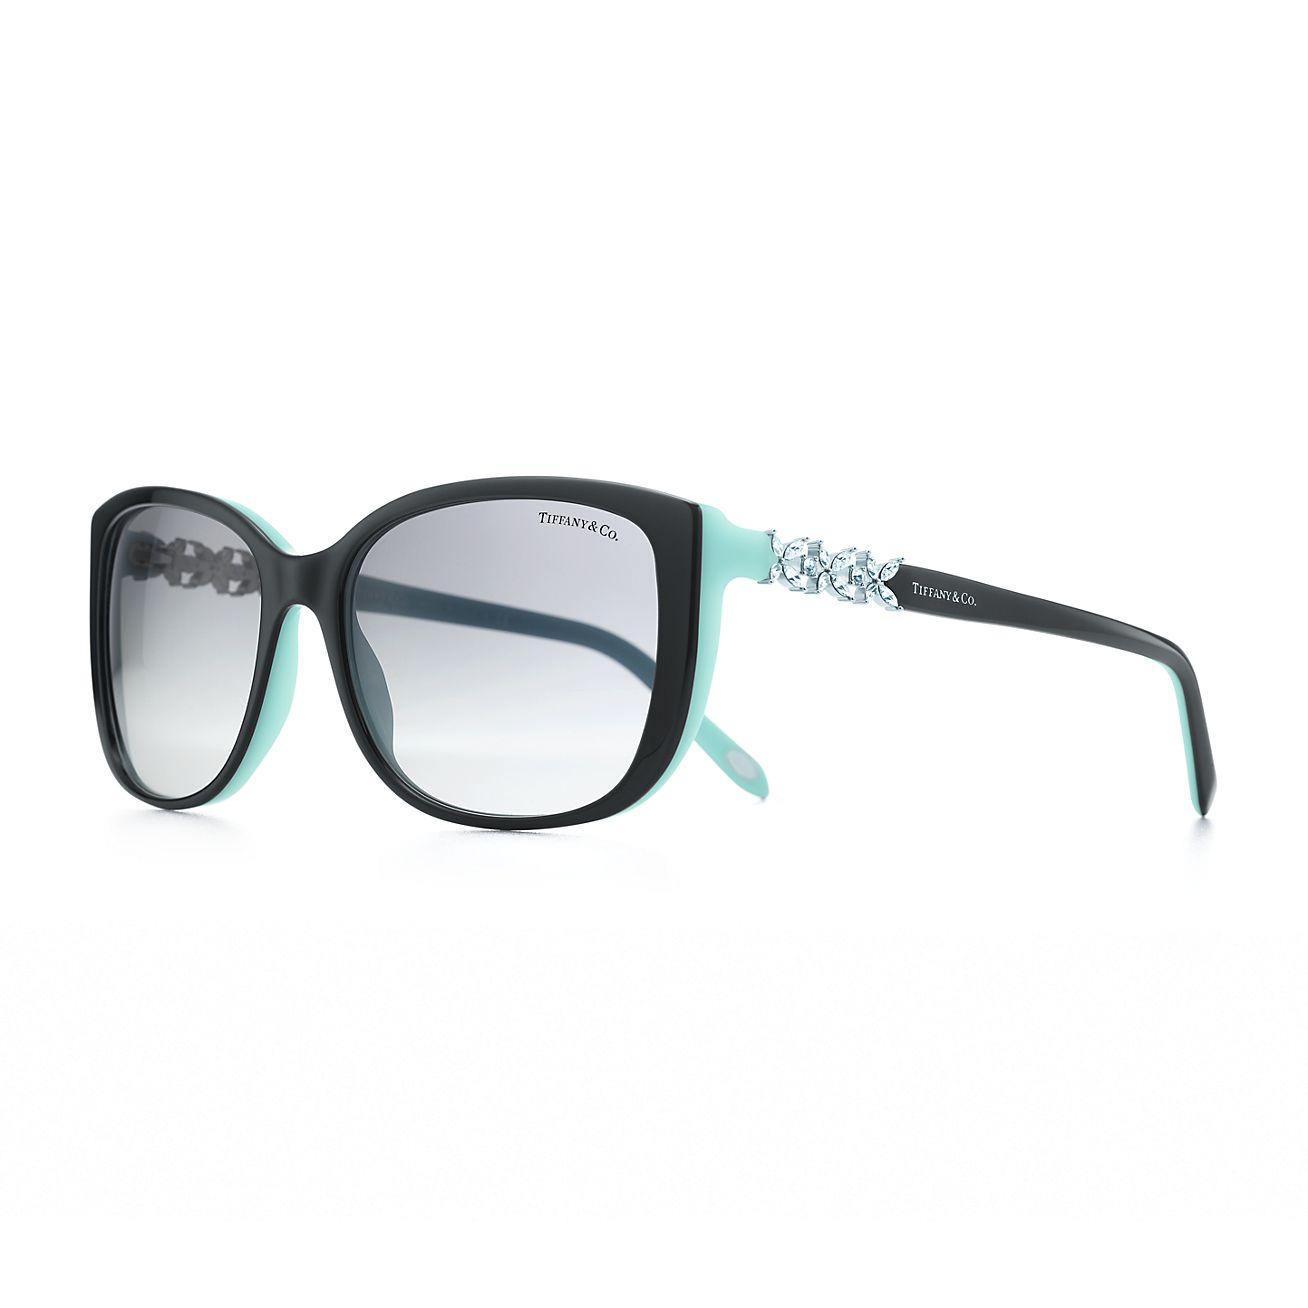 Tiffany Victoria™ square sunglasses in acetate with ...